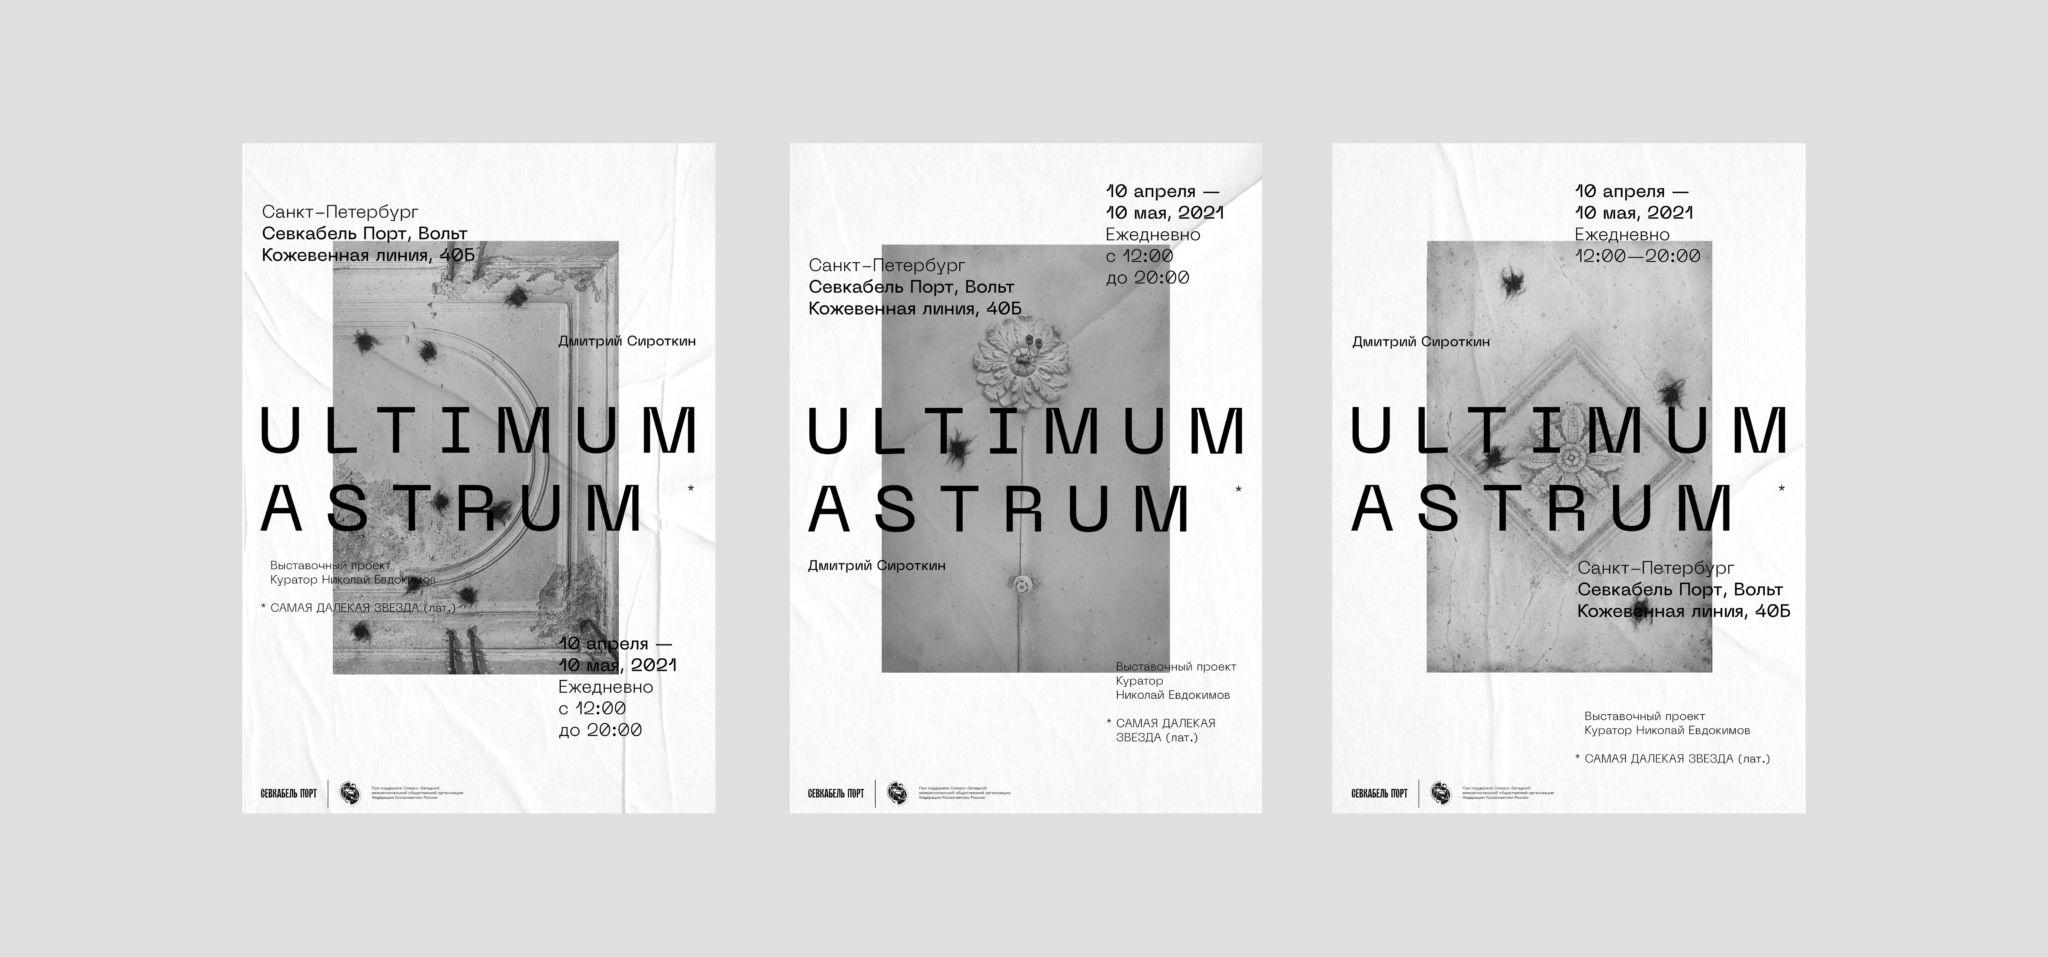 Ultimum Astrum